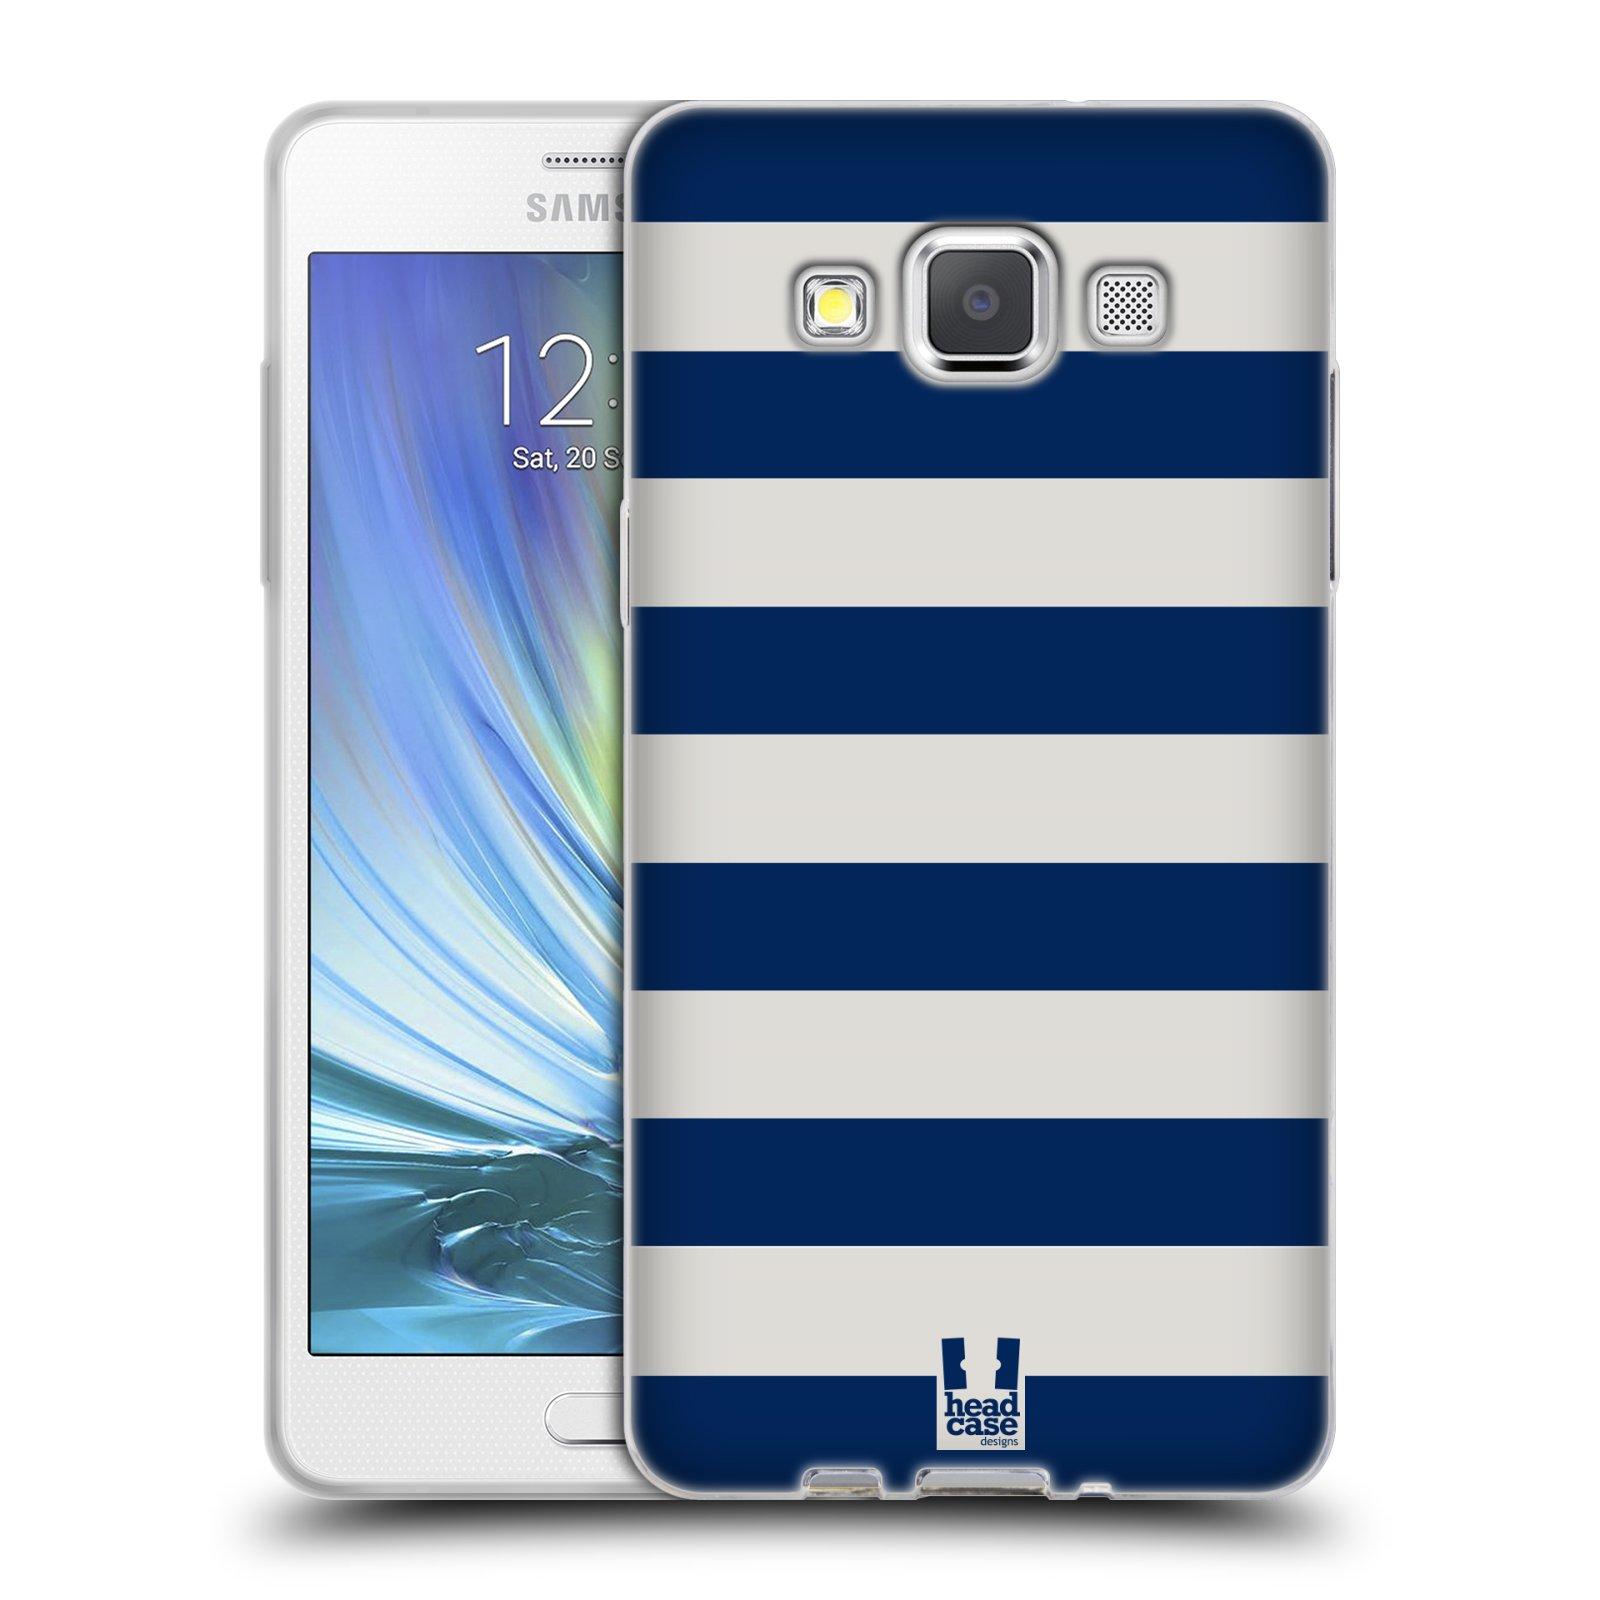 HEAD CASE silikonový obal na mobil Samsung Galaxy A5 vzor Barevné proužky MODRÁ A BÍLÁ NÁMOŘNÍK